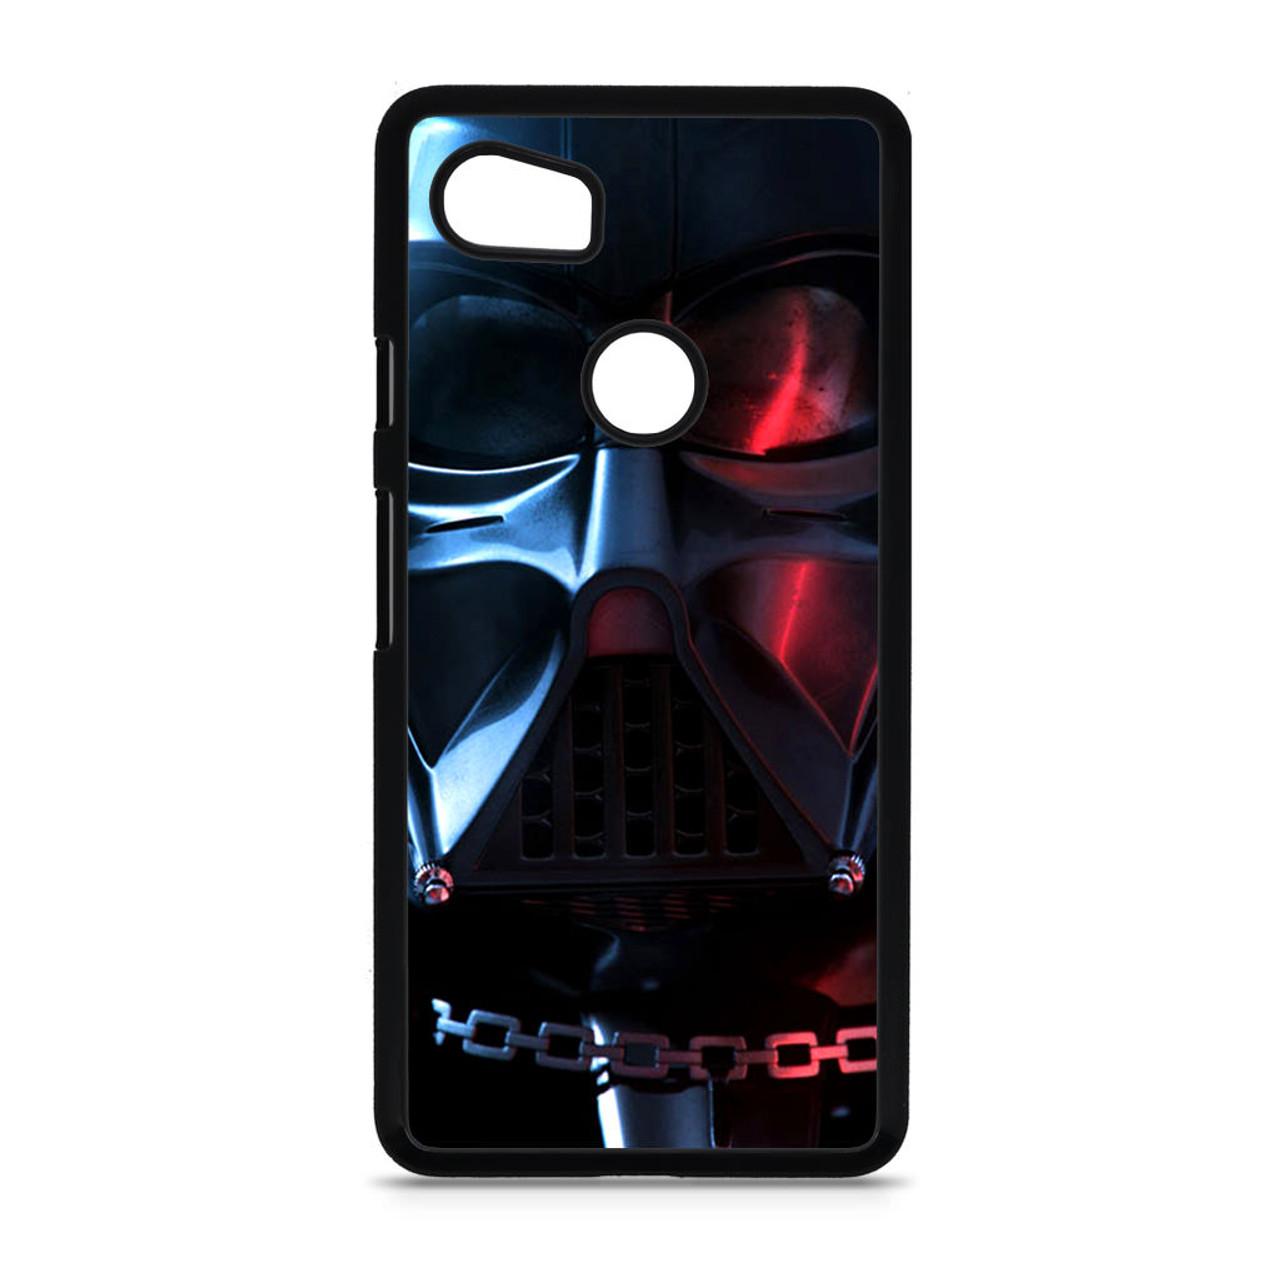 Movie Star Wars Darth Vader Google Pixel 2 Xl Case Caseshunter